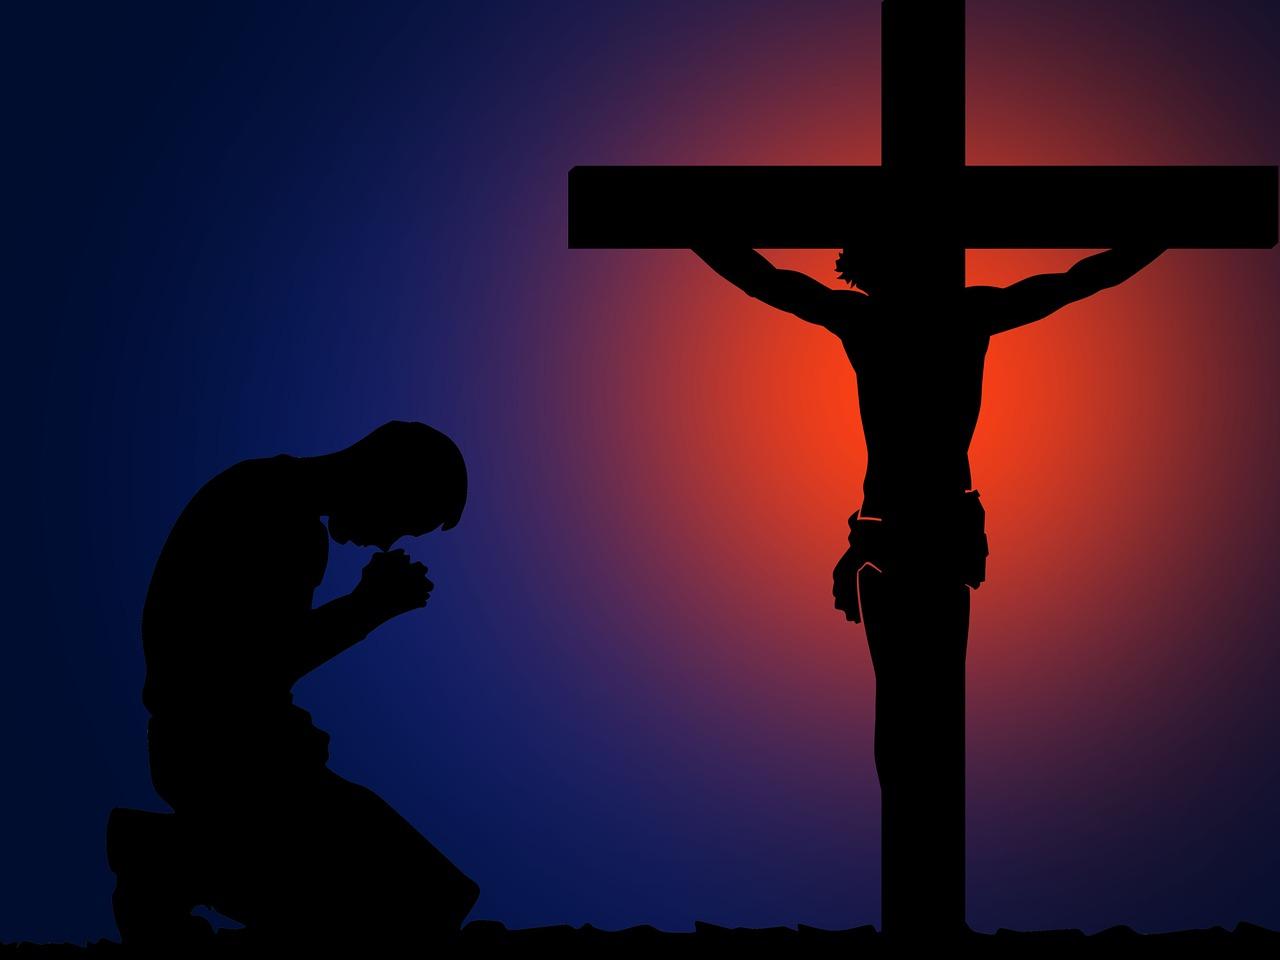 Cross Pray Purple silhouette